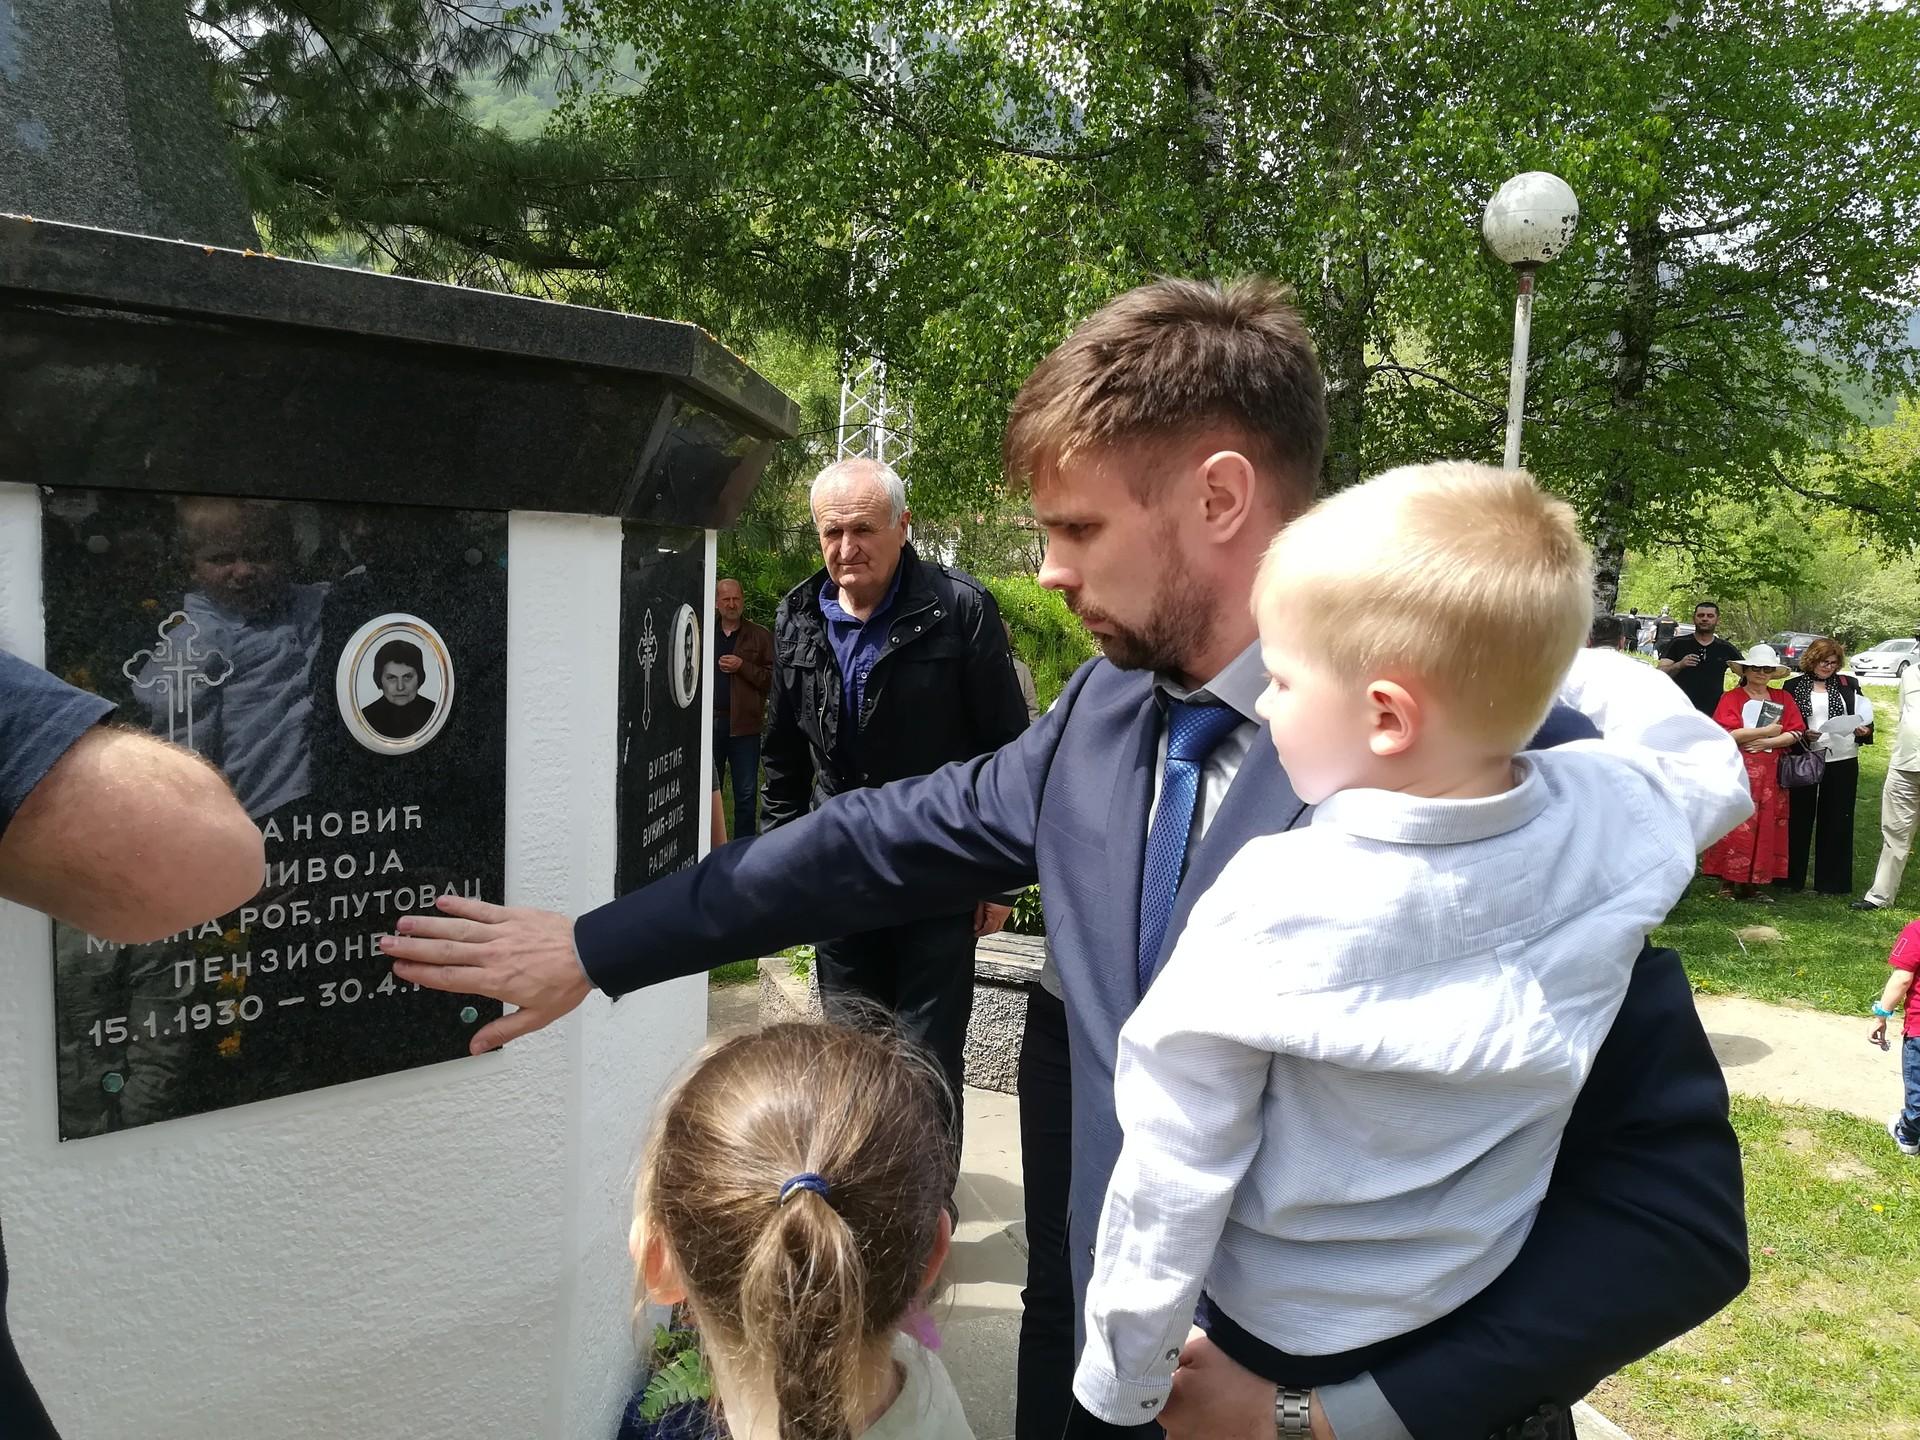 Алексеј Тарковскиј, дипломата из Амбасаде Руске Федерације, са децом у Мурину.